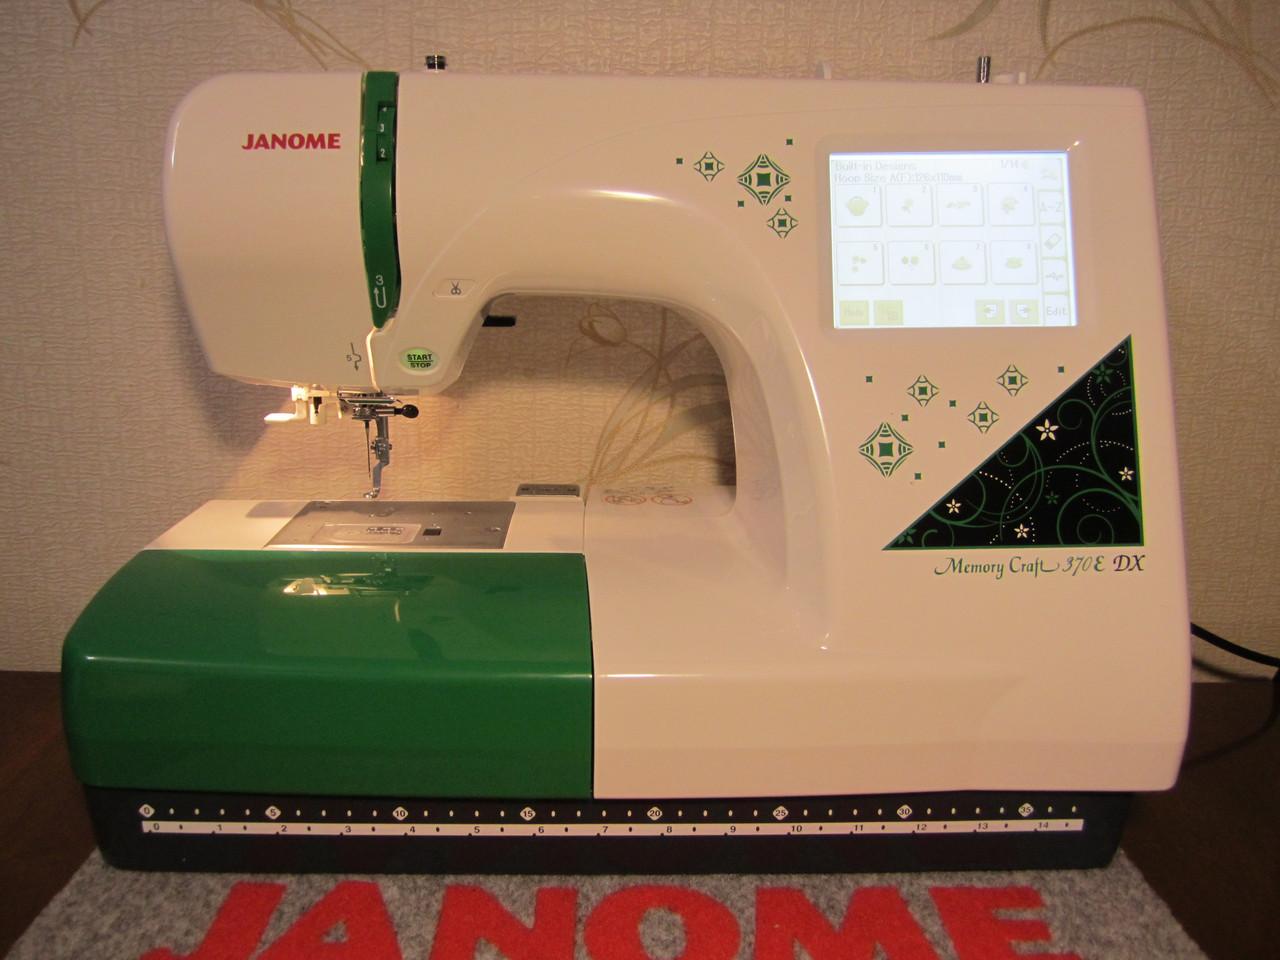 Janome Memory Craft 370 E DX